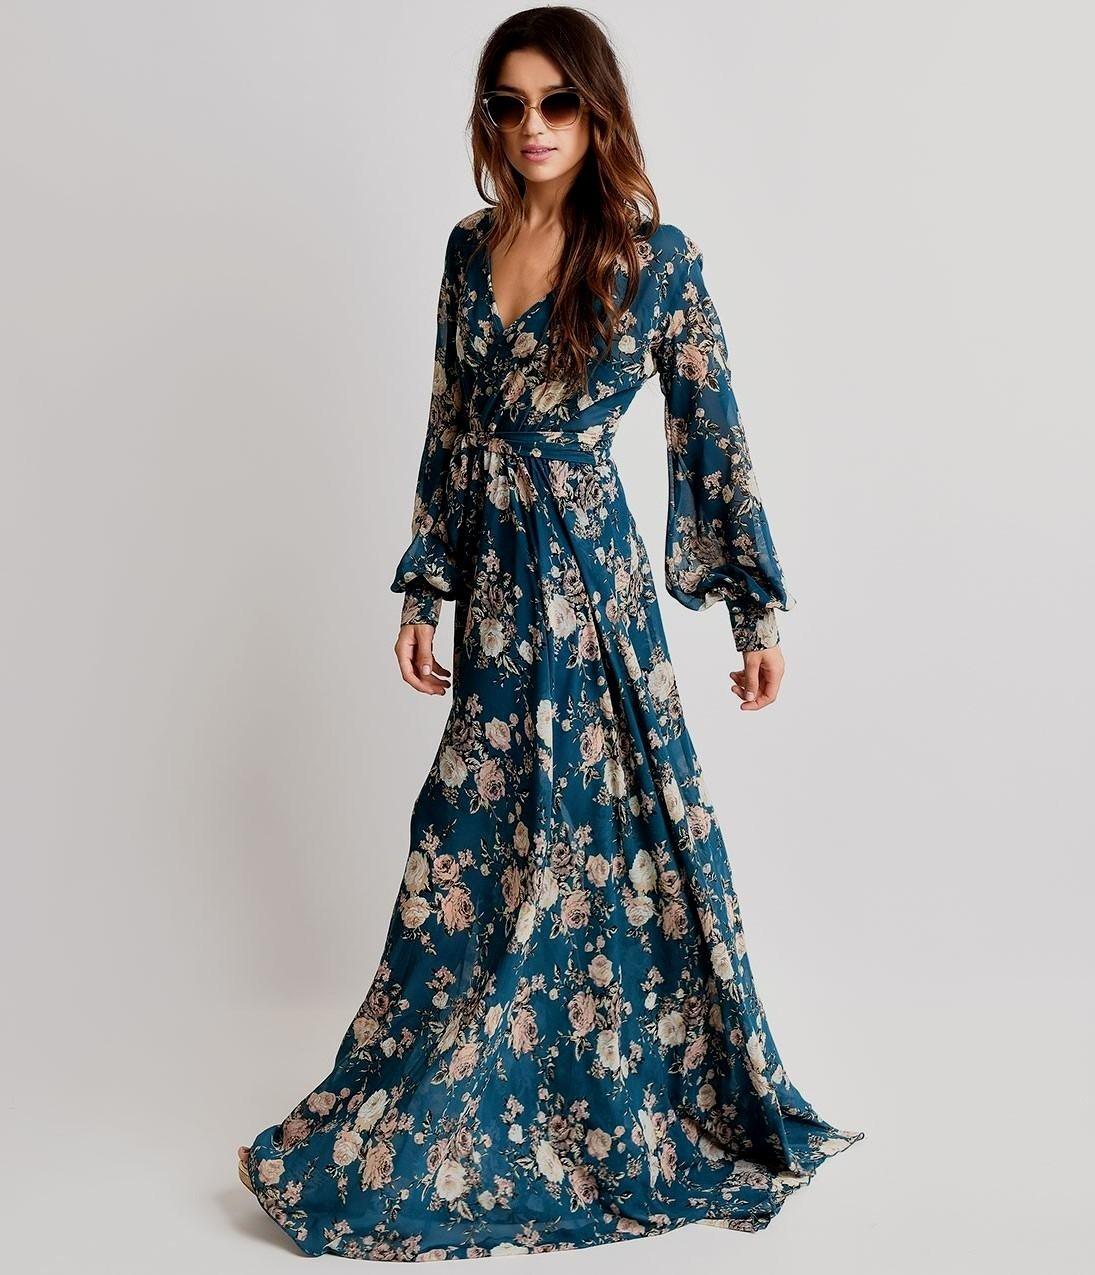 вечерние платья 2018 2019 новинки: в пол синее в цветы с длинным рукавом